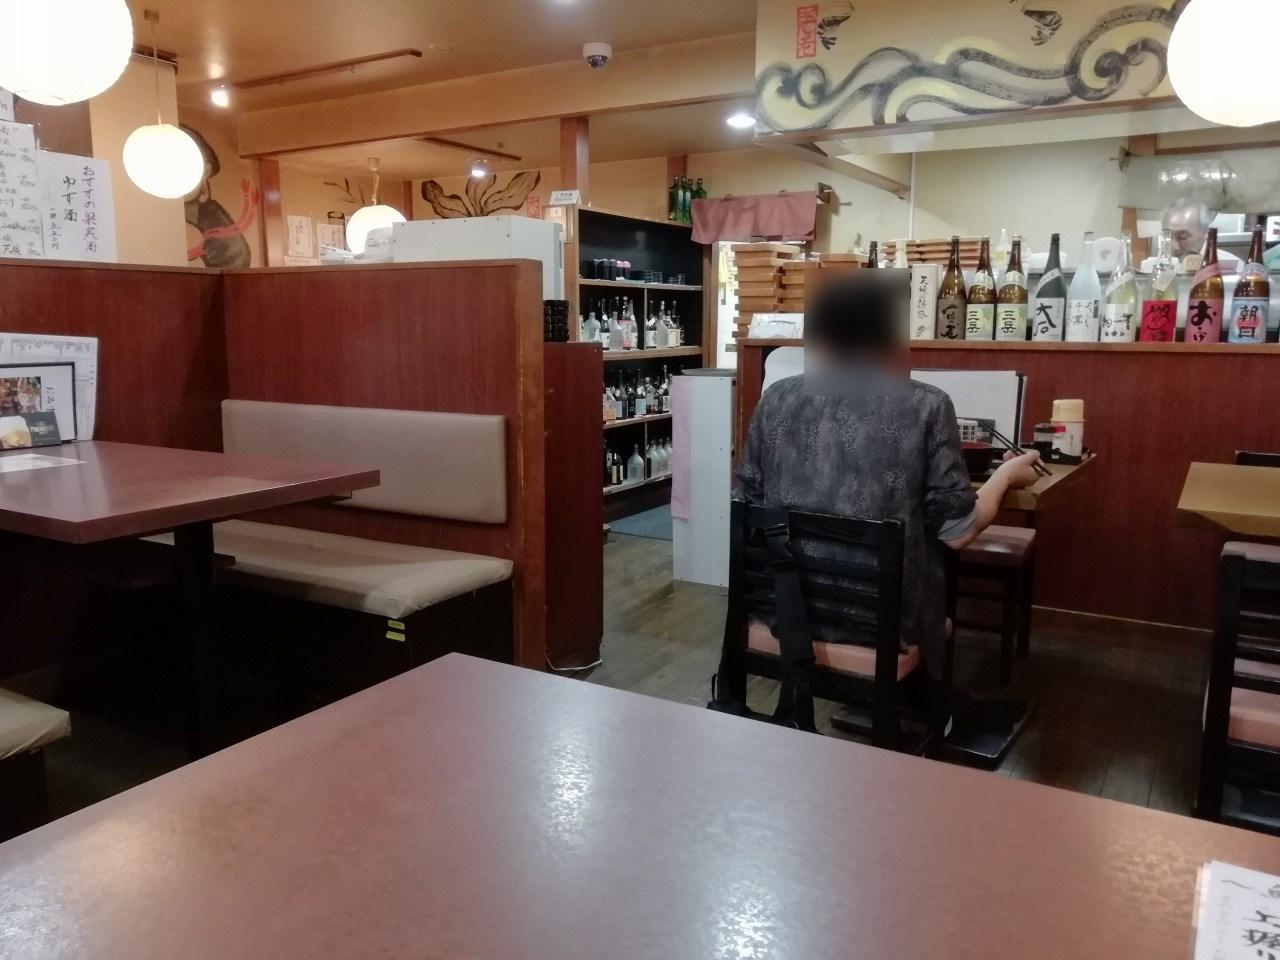 綱島魚鉄食堂の店内